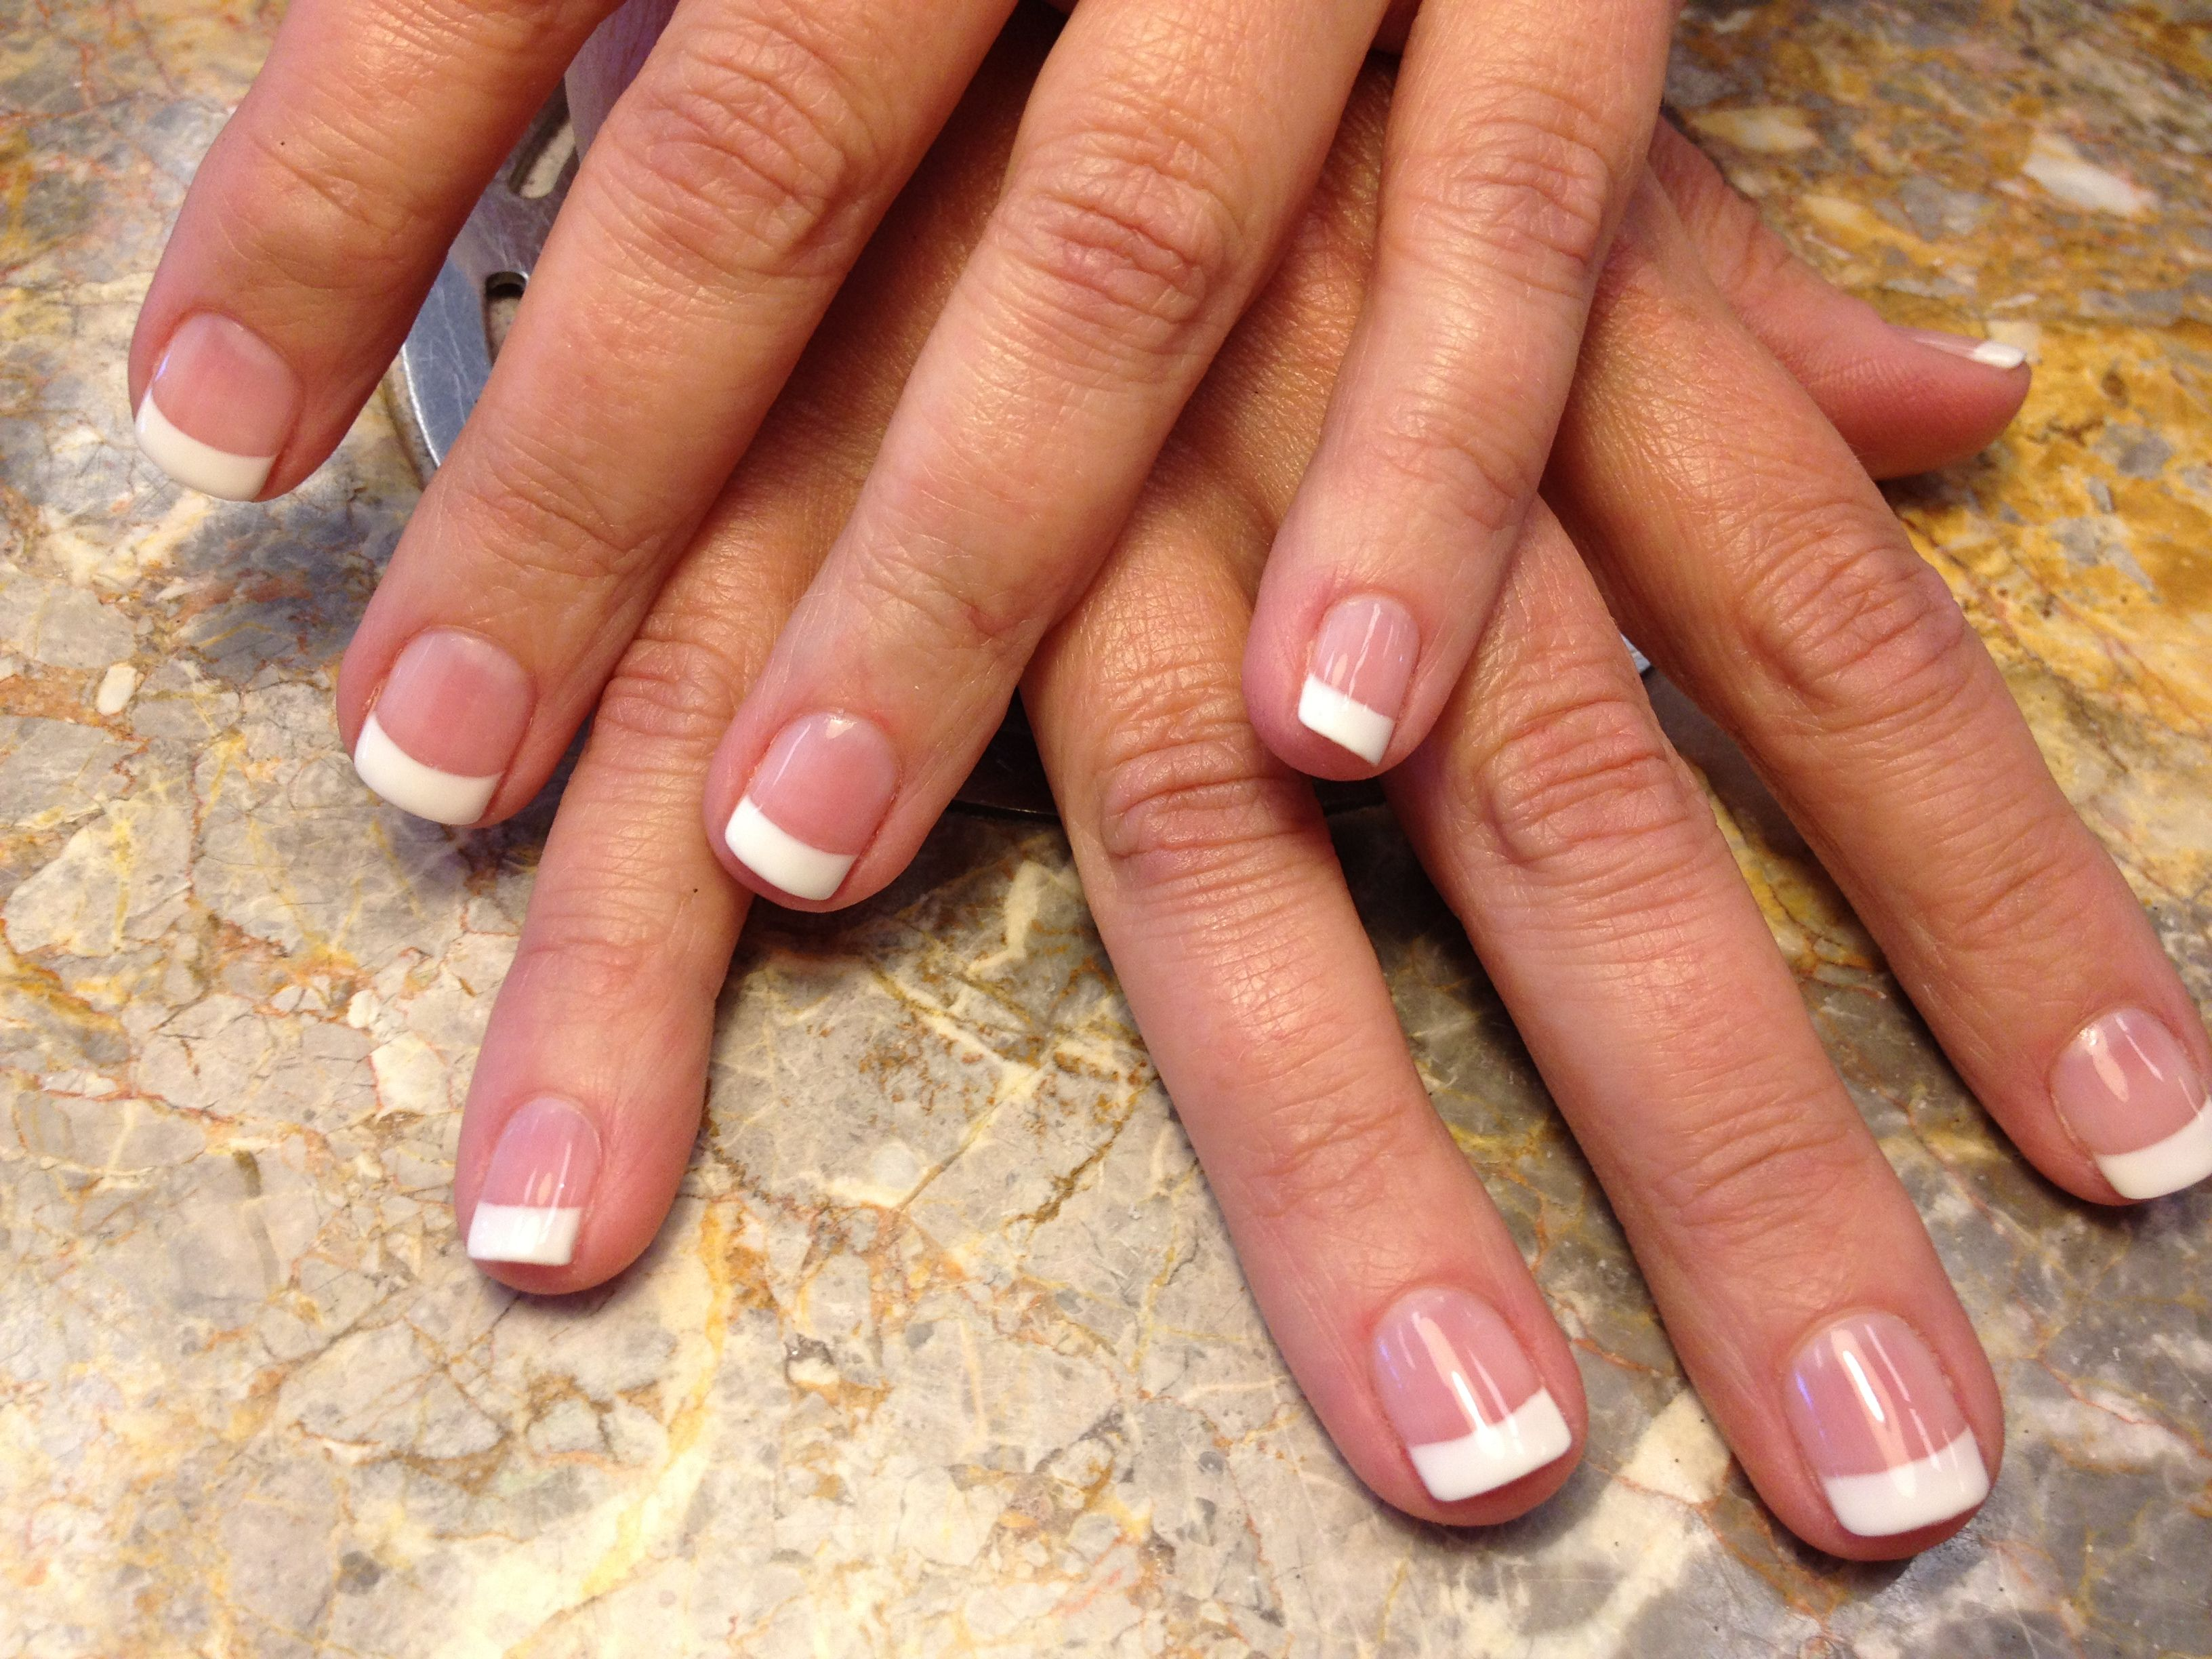 French Gel Mani On Natural Nails Nail Spa Natural Nails Gel Mani